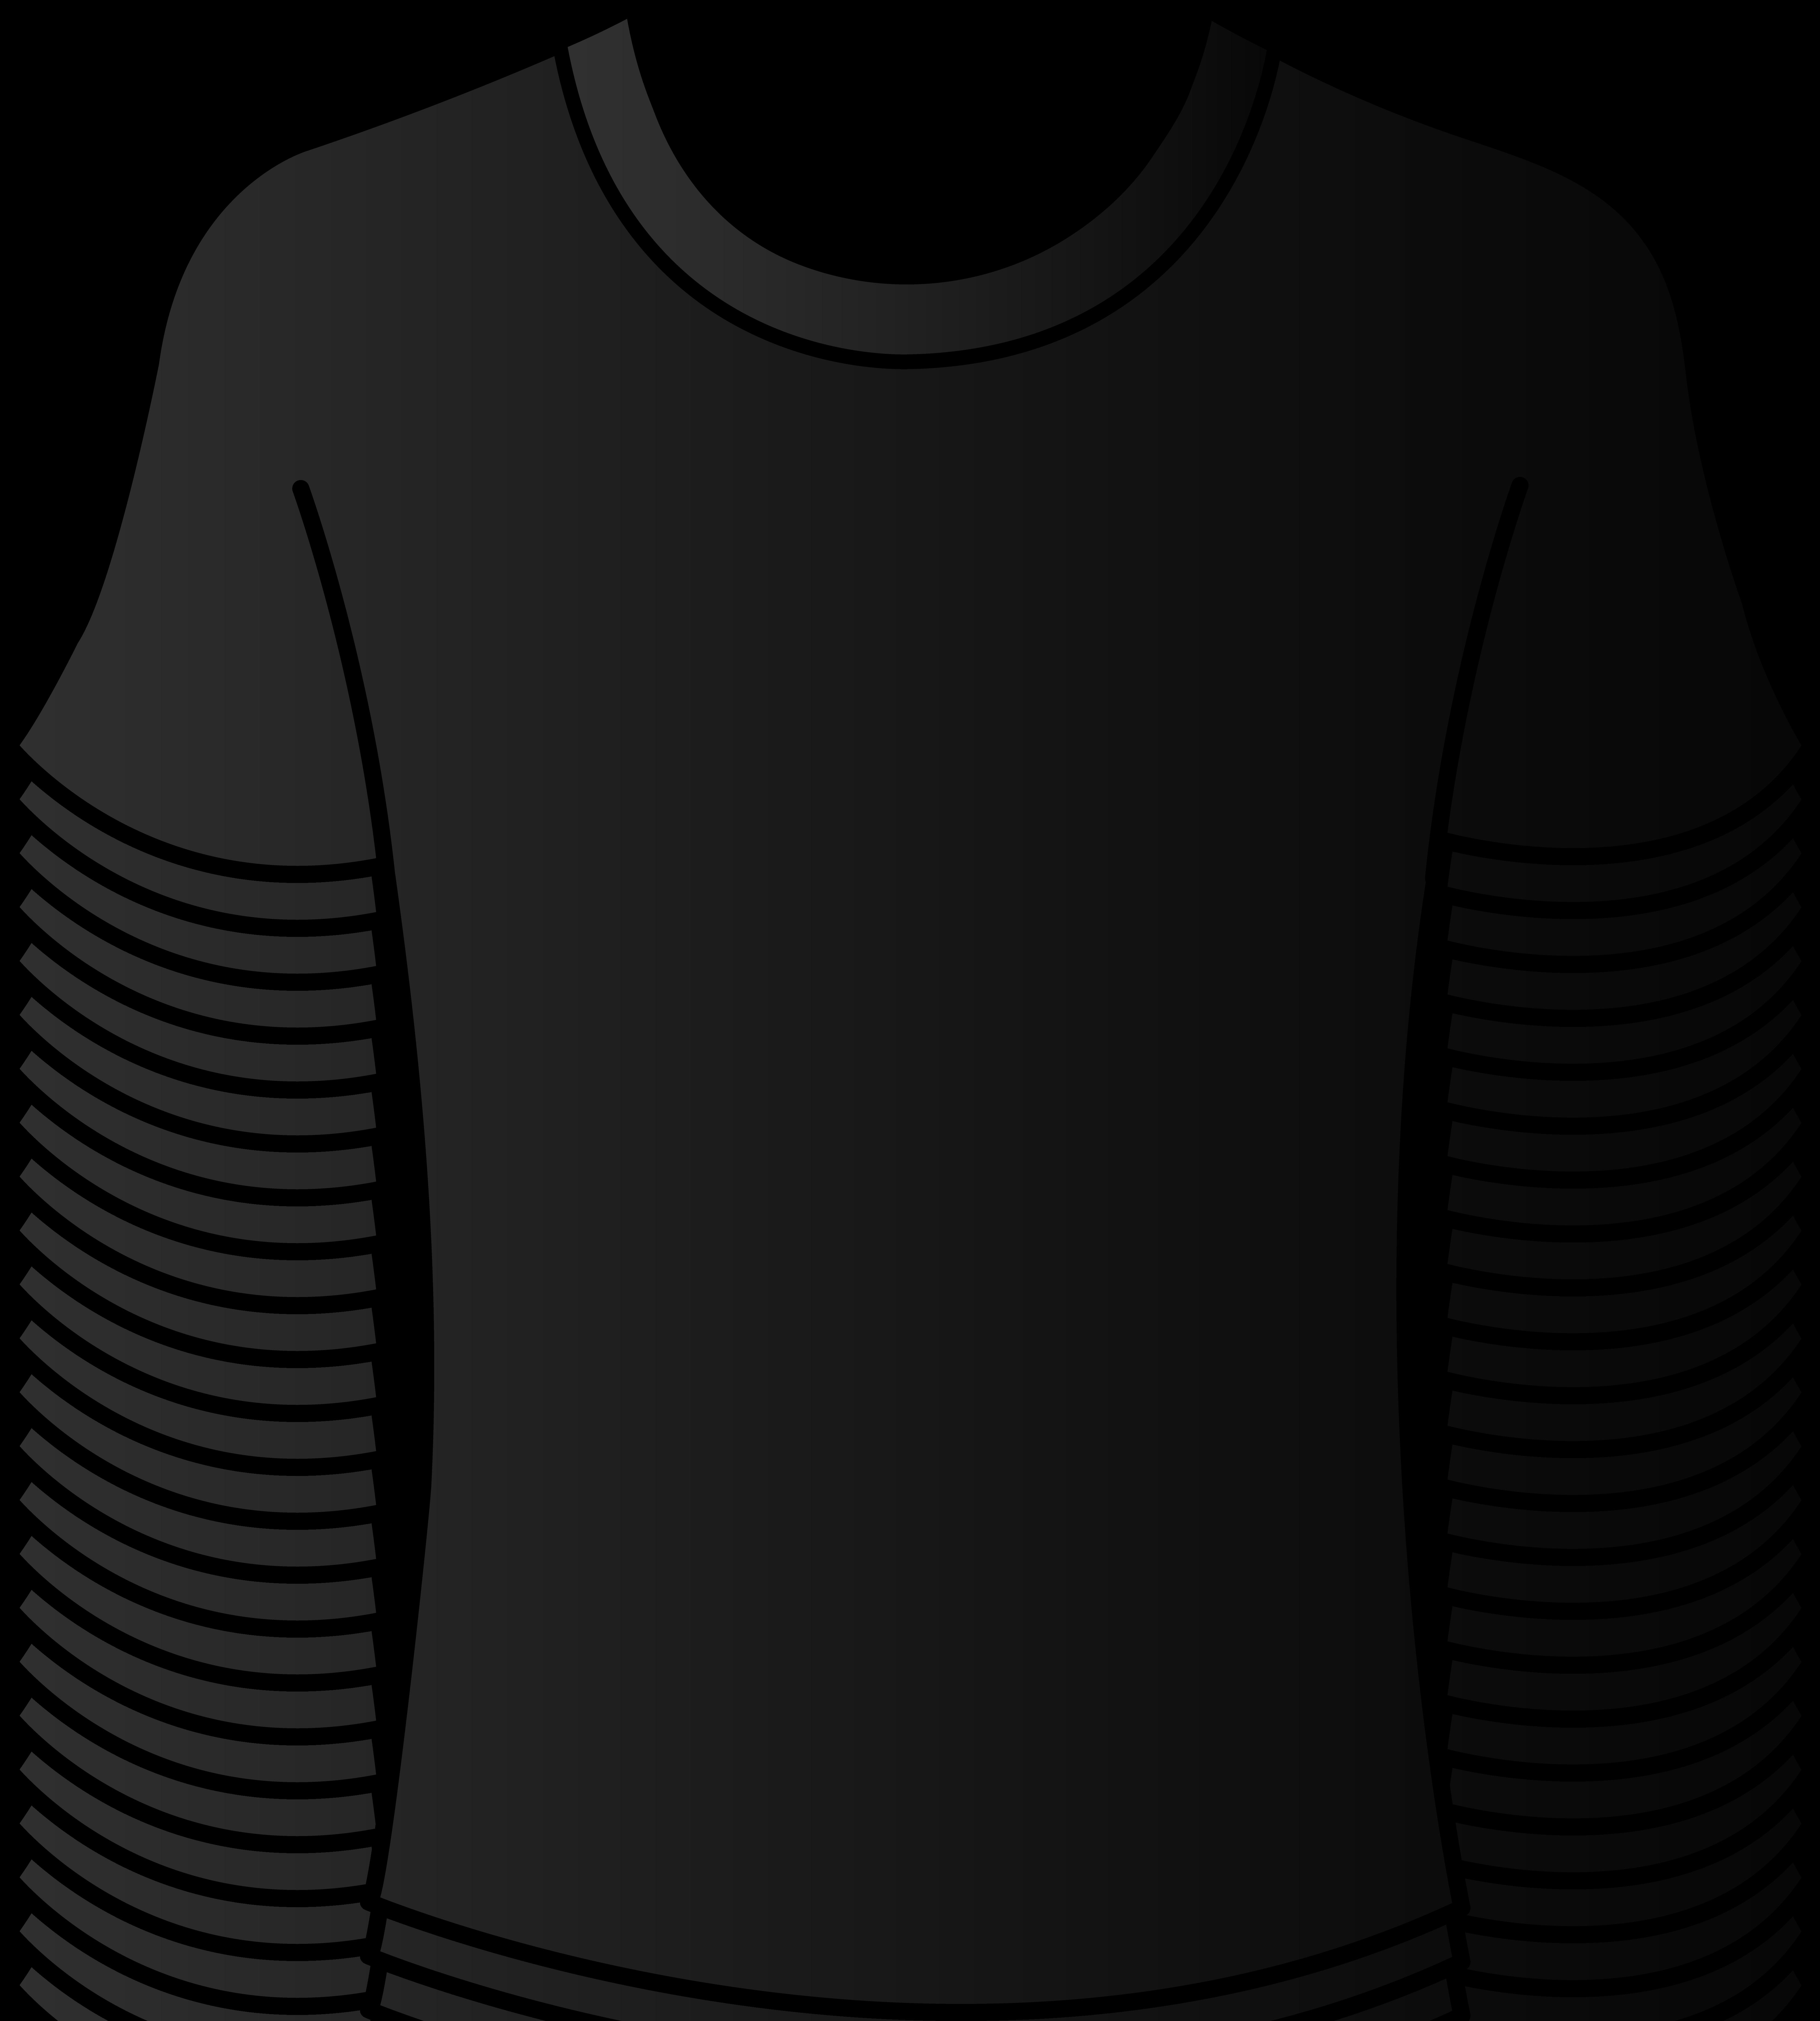 T Shirt Template Clipart   Free download best T Shirt Template ...